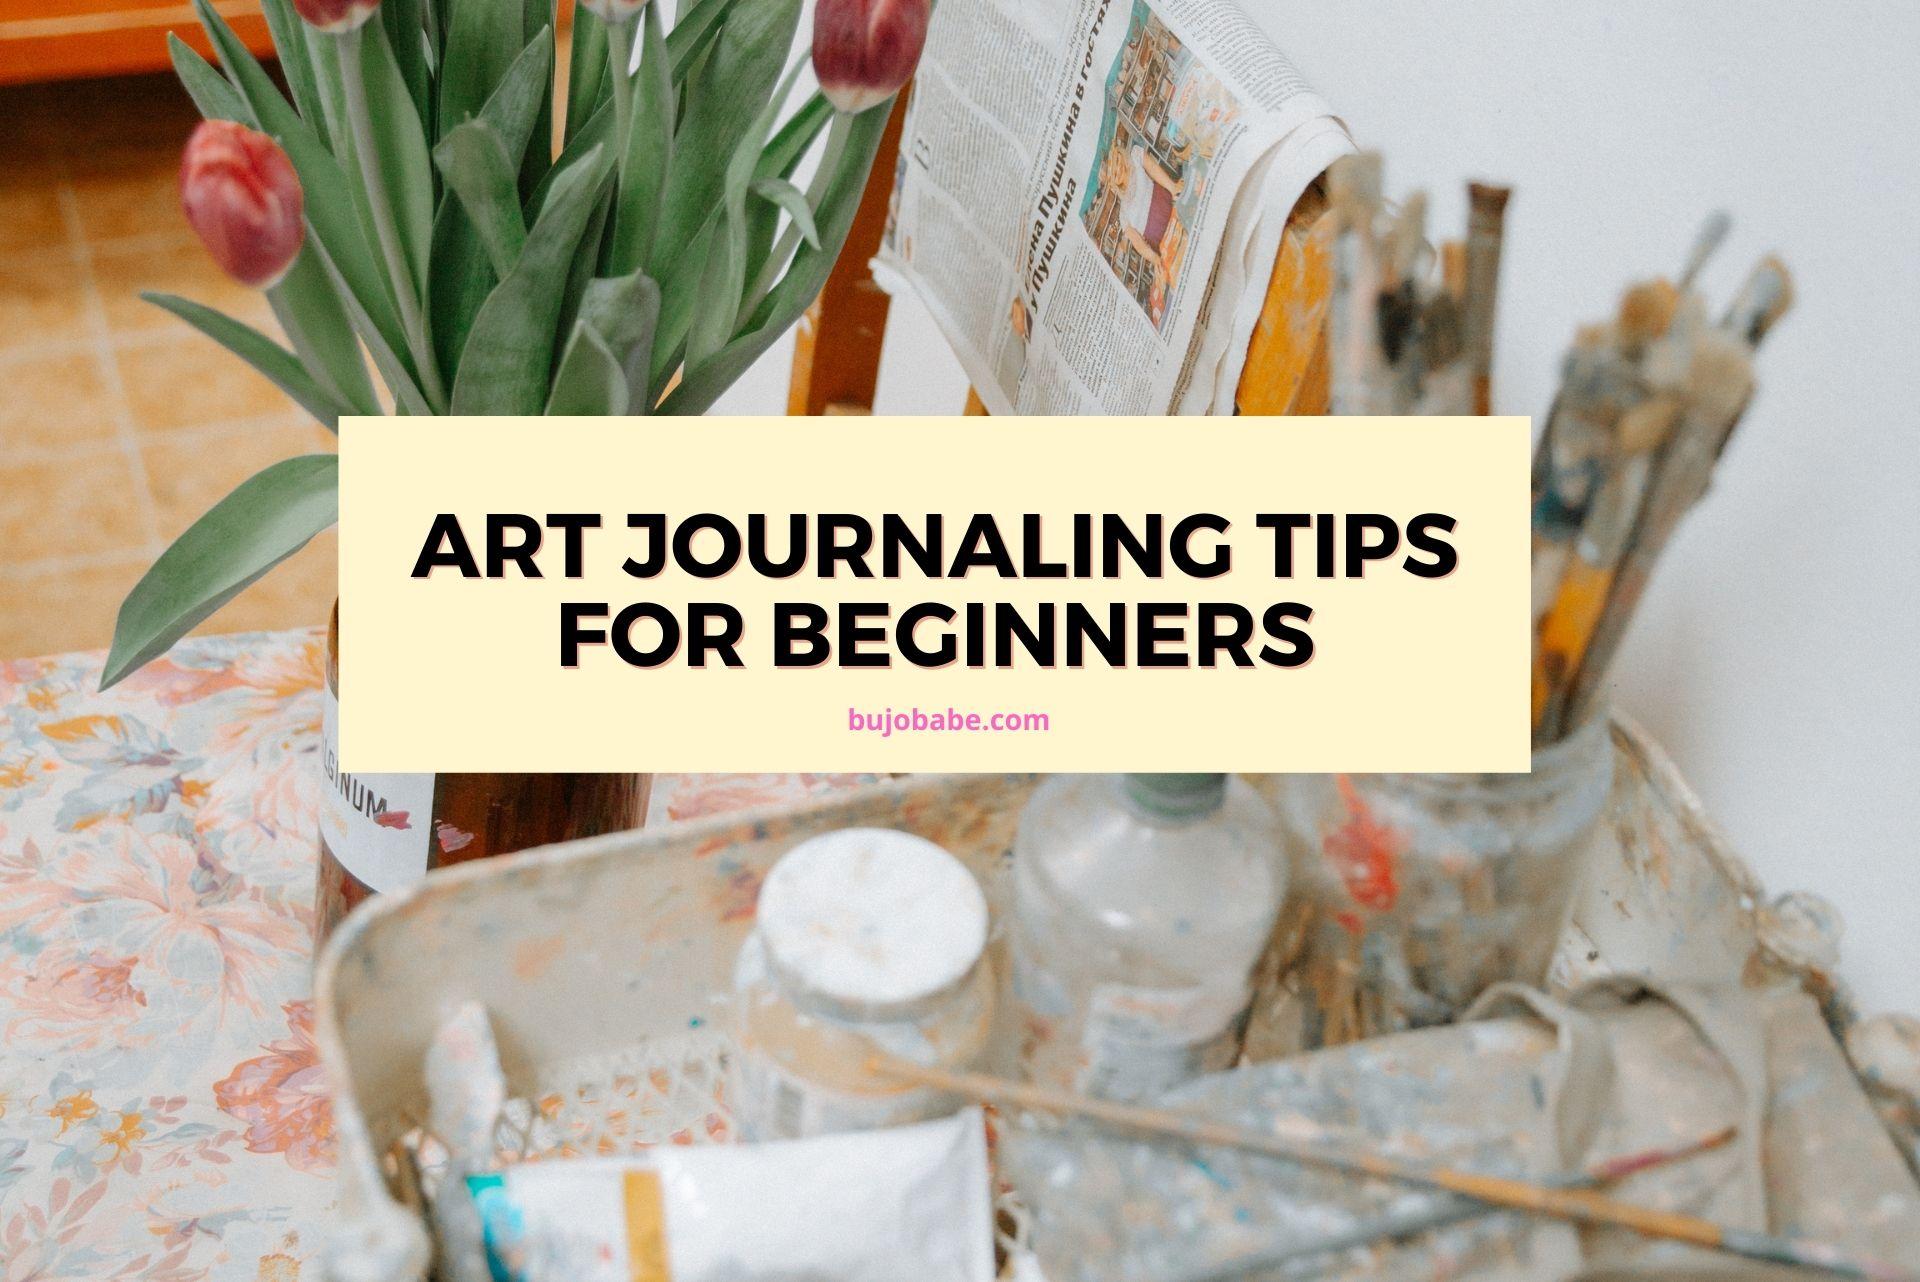 art journaling tips for beginners